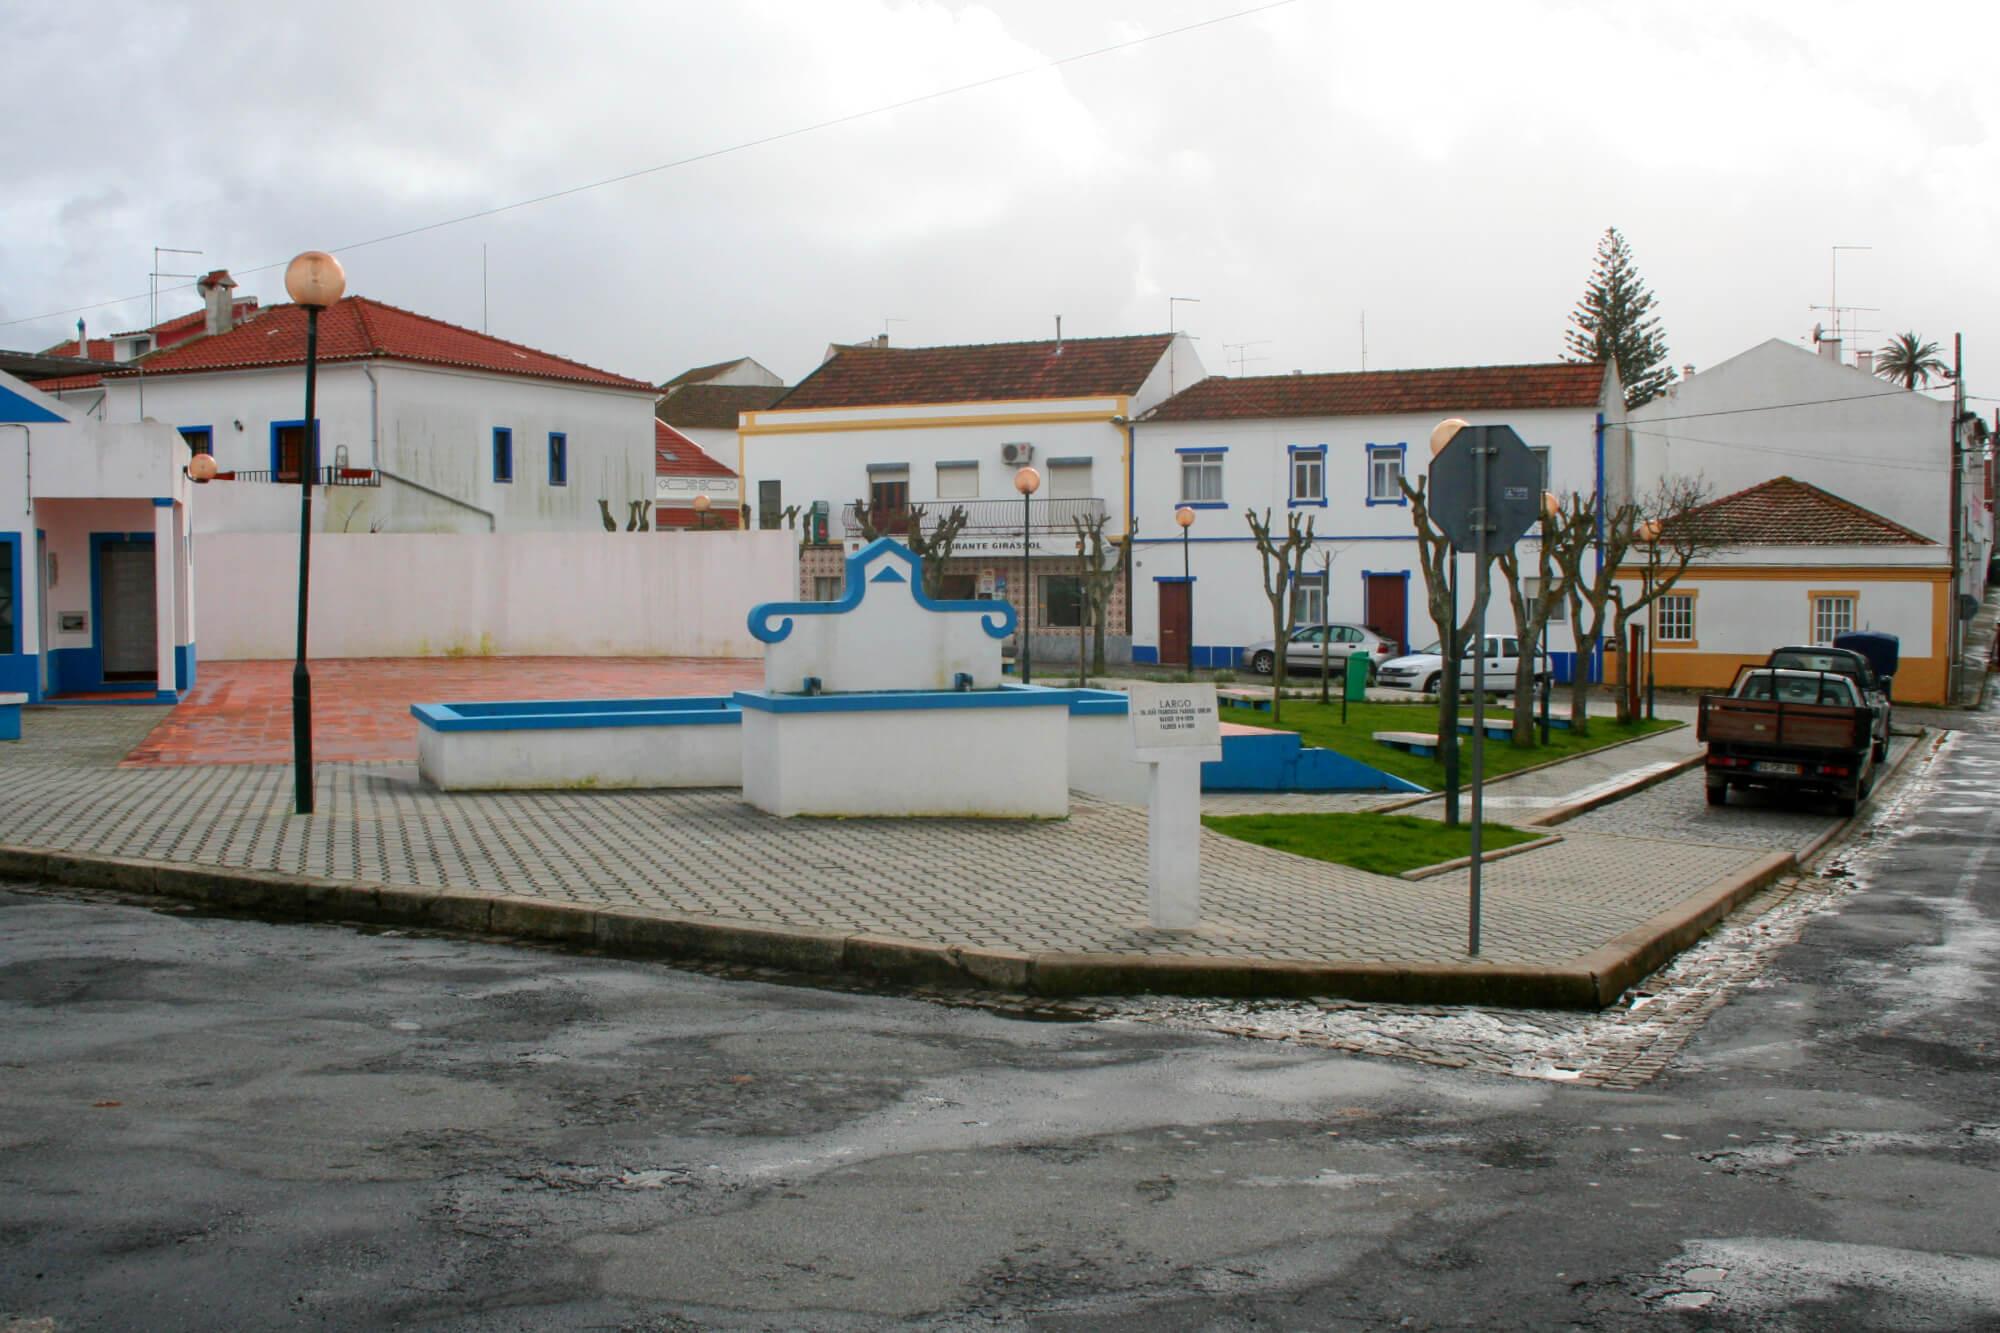 Vista de Cabrela 01, 22.02.2010 (PCR)